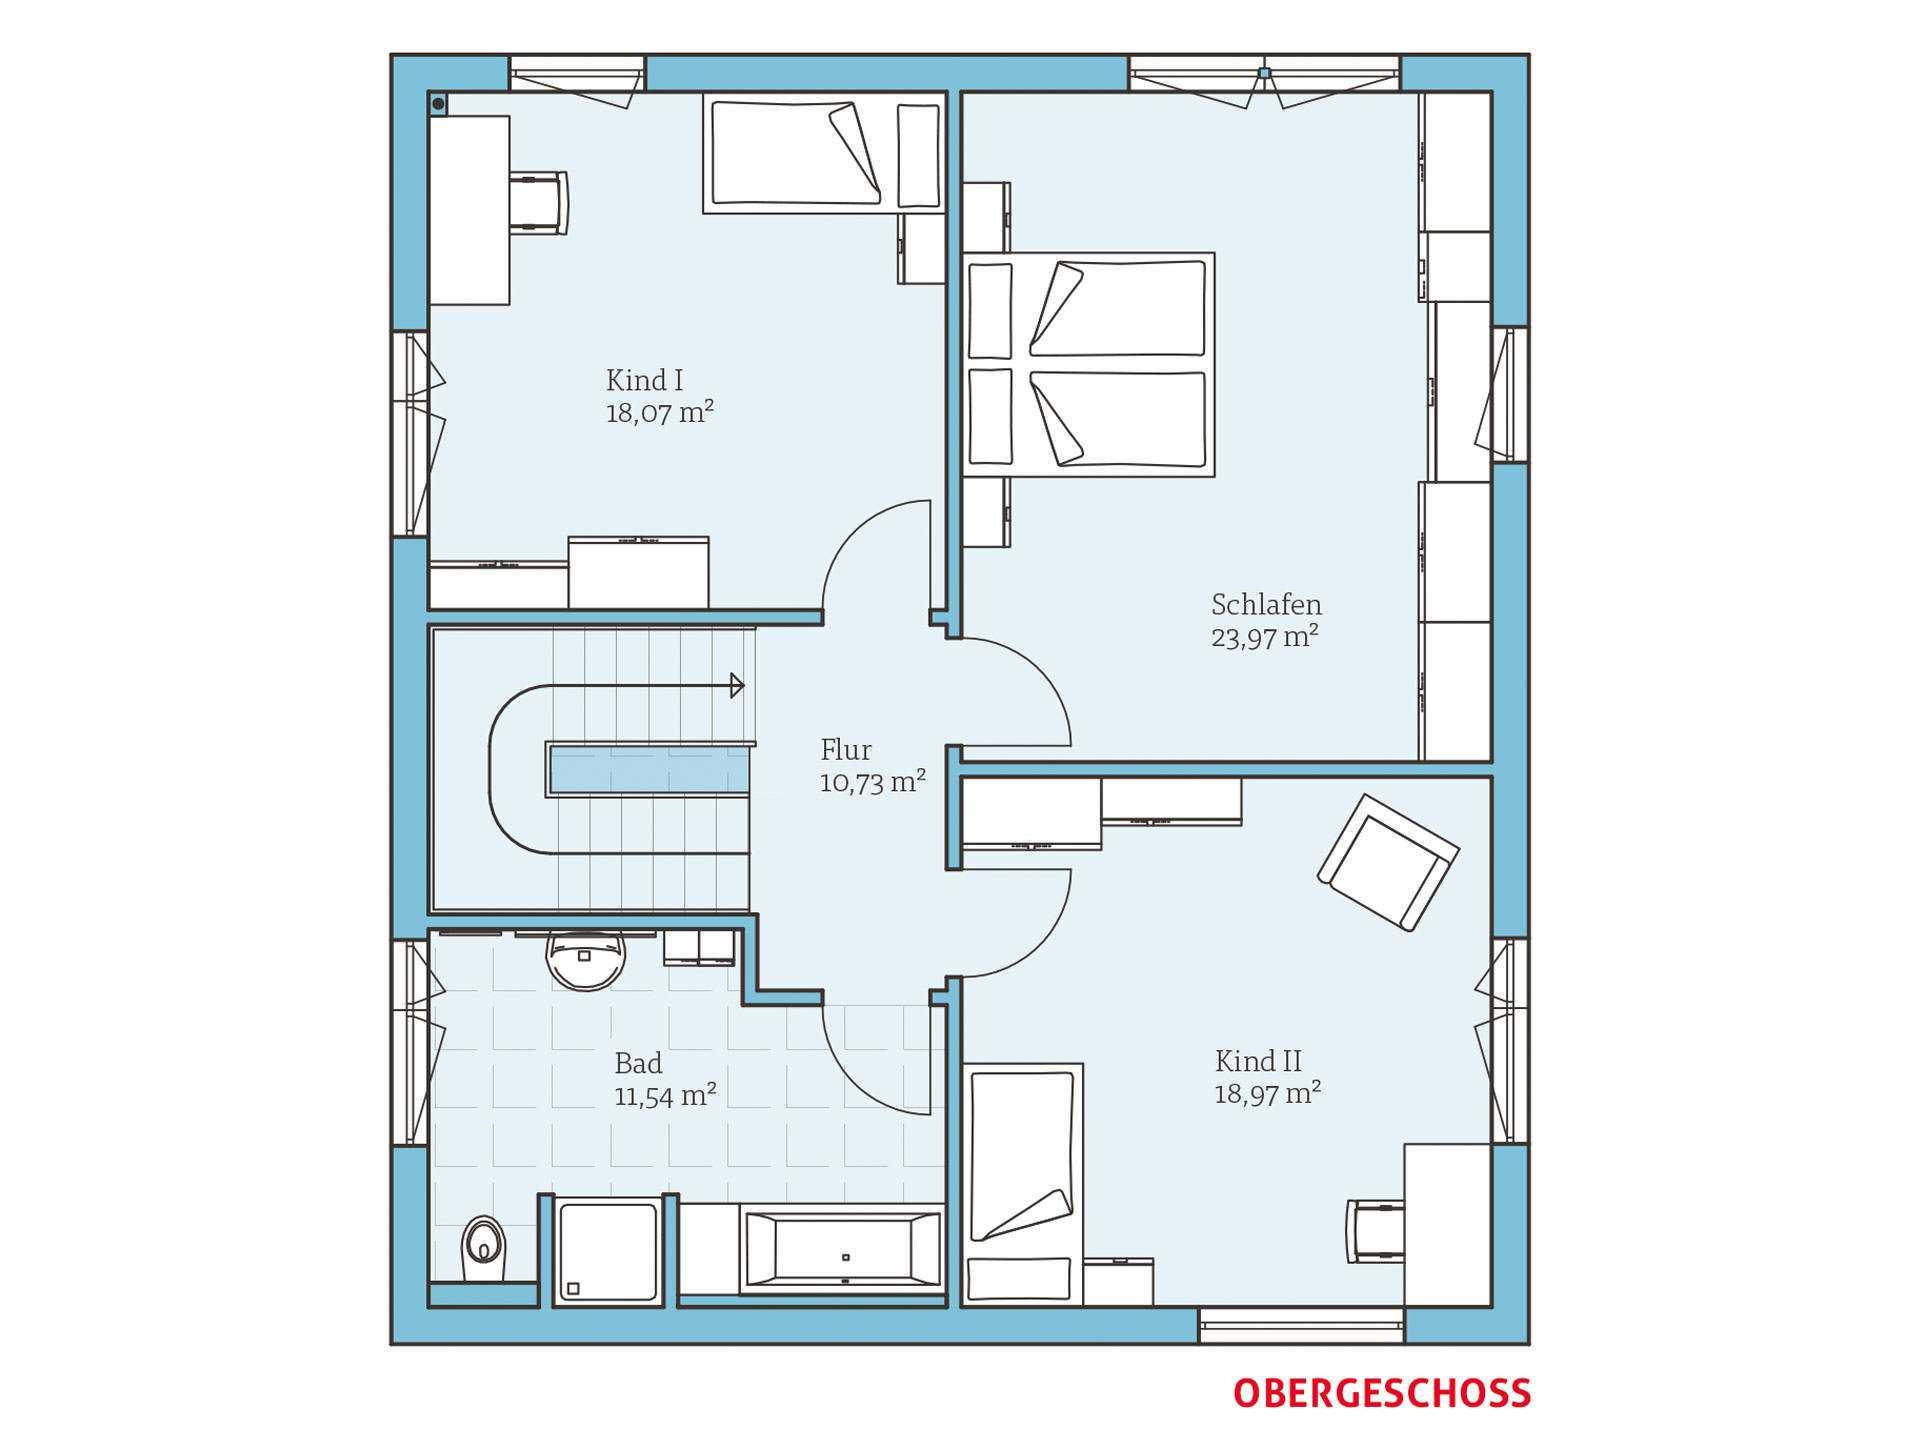 Einfamilienhaus Bauen Größte Auswahl An Häusern Und Anbietern